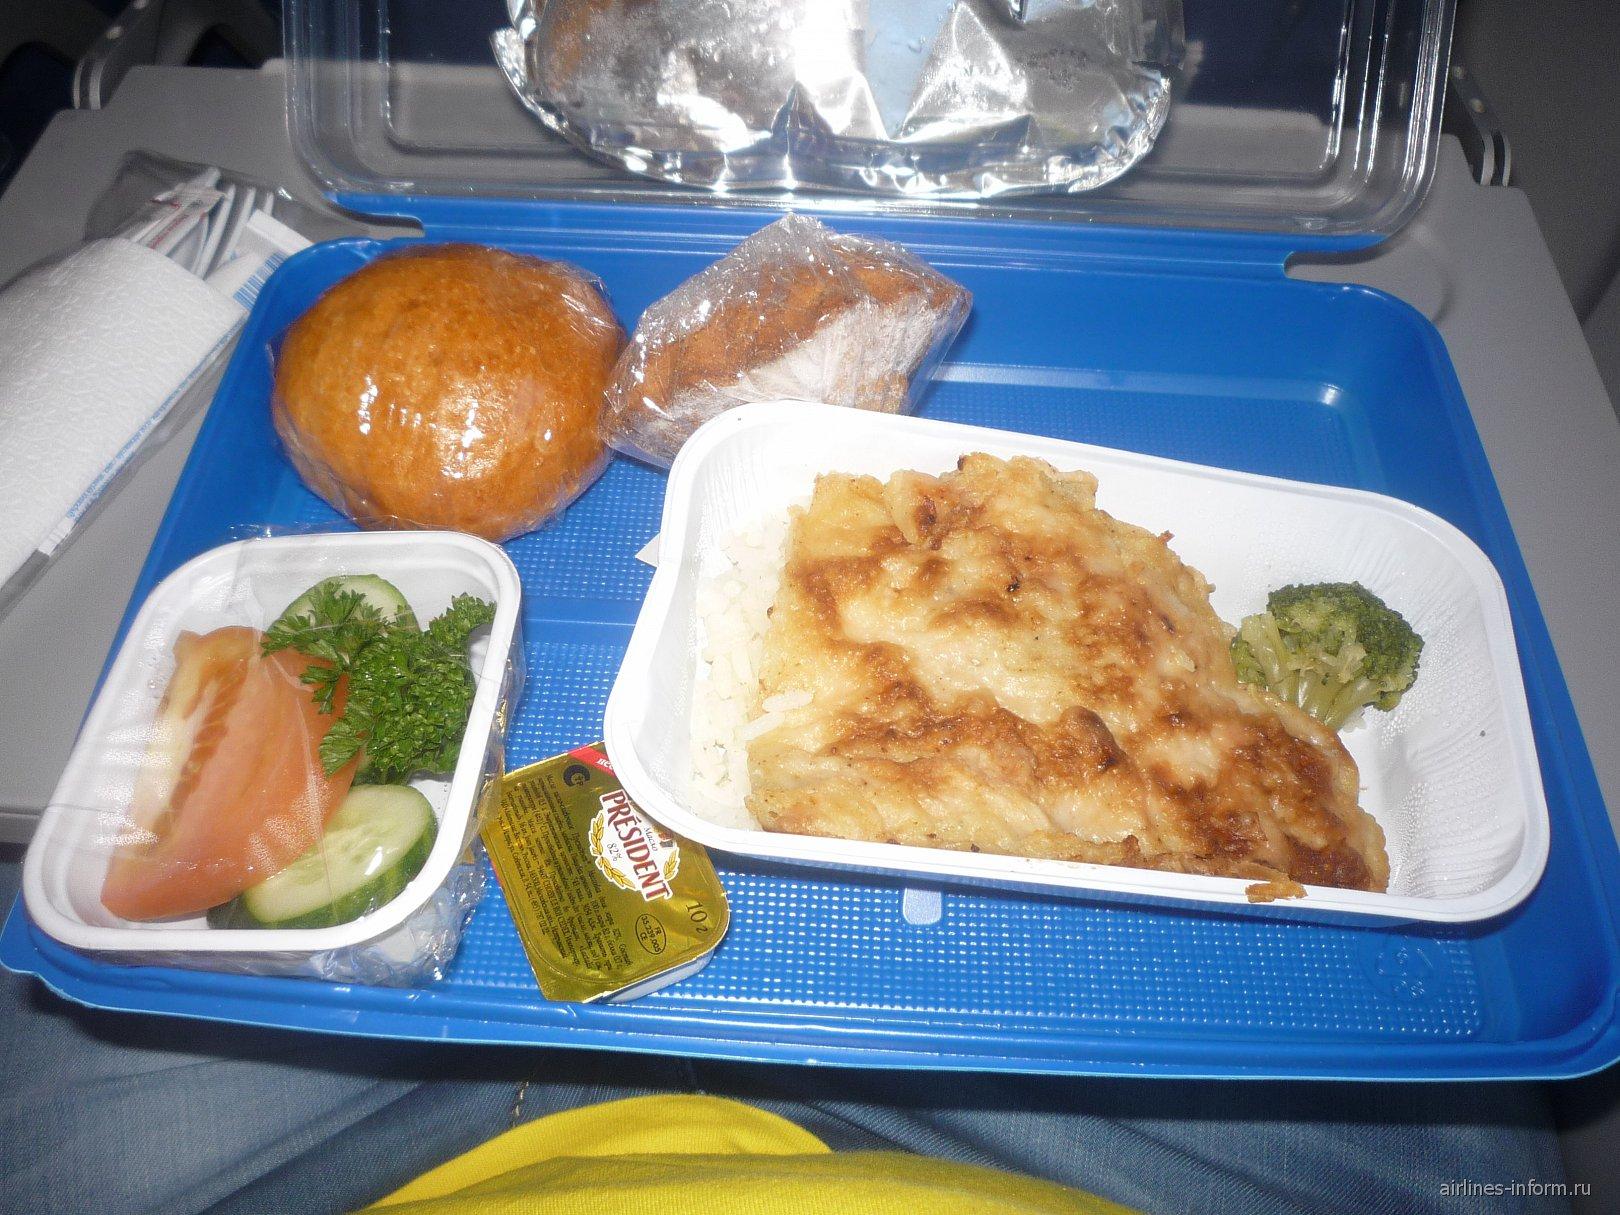 Питание на рейсе Львов-Хургада Международных авиалиний Украины